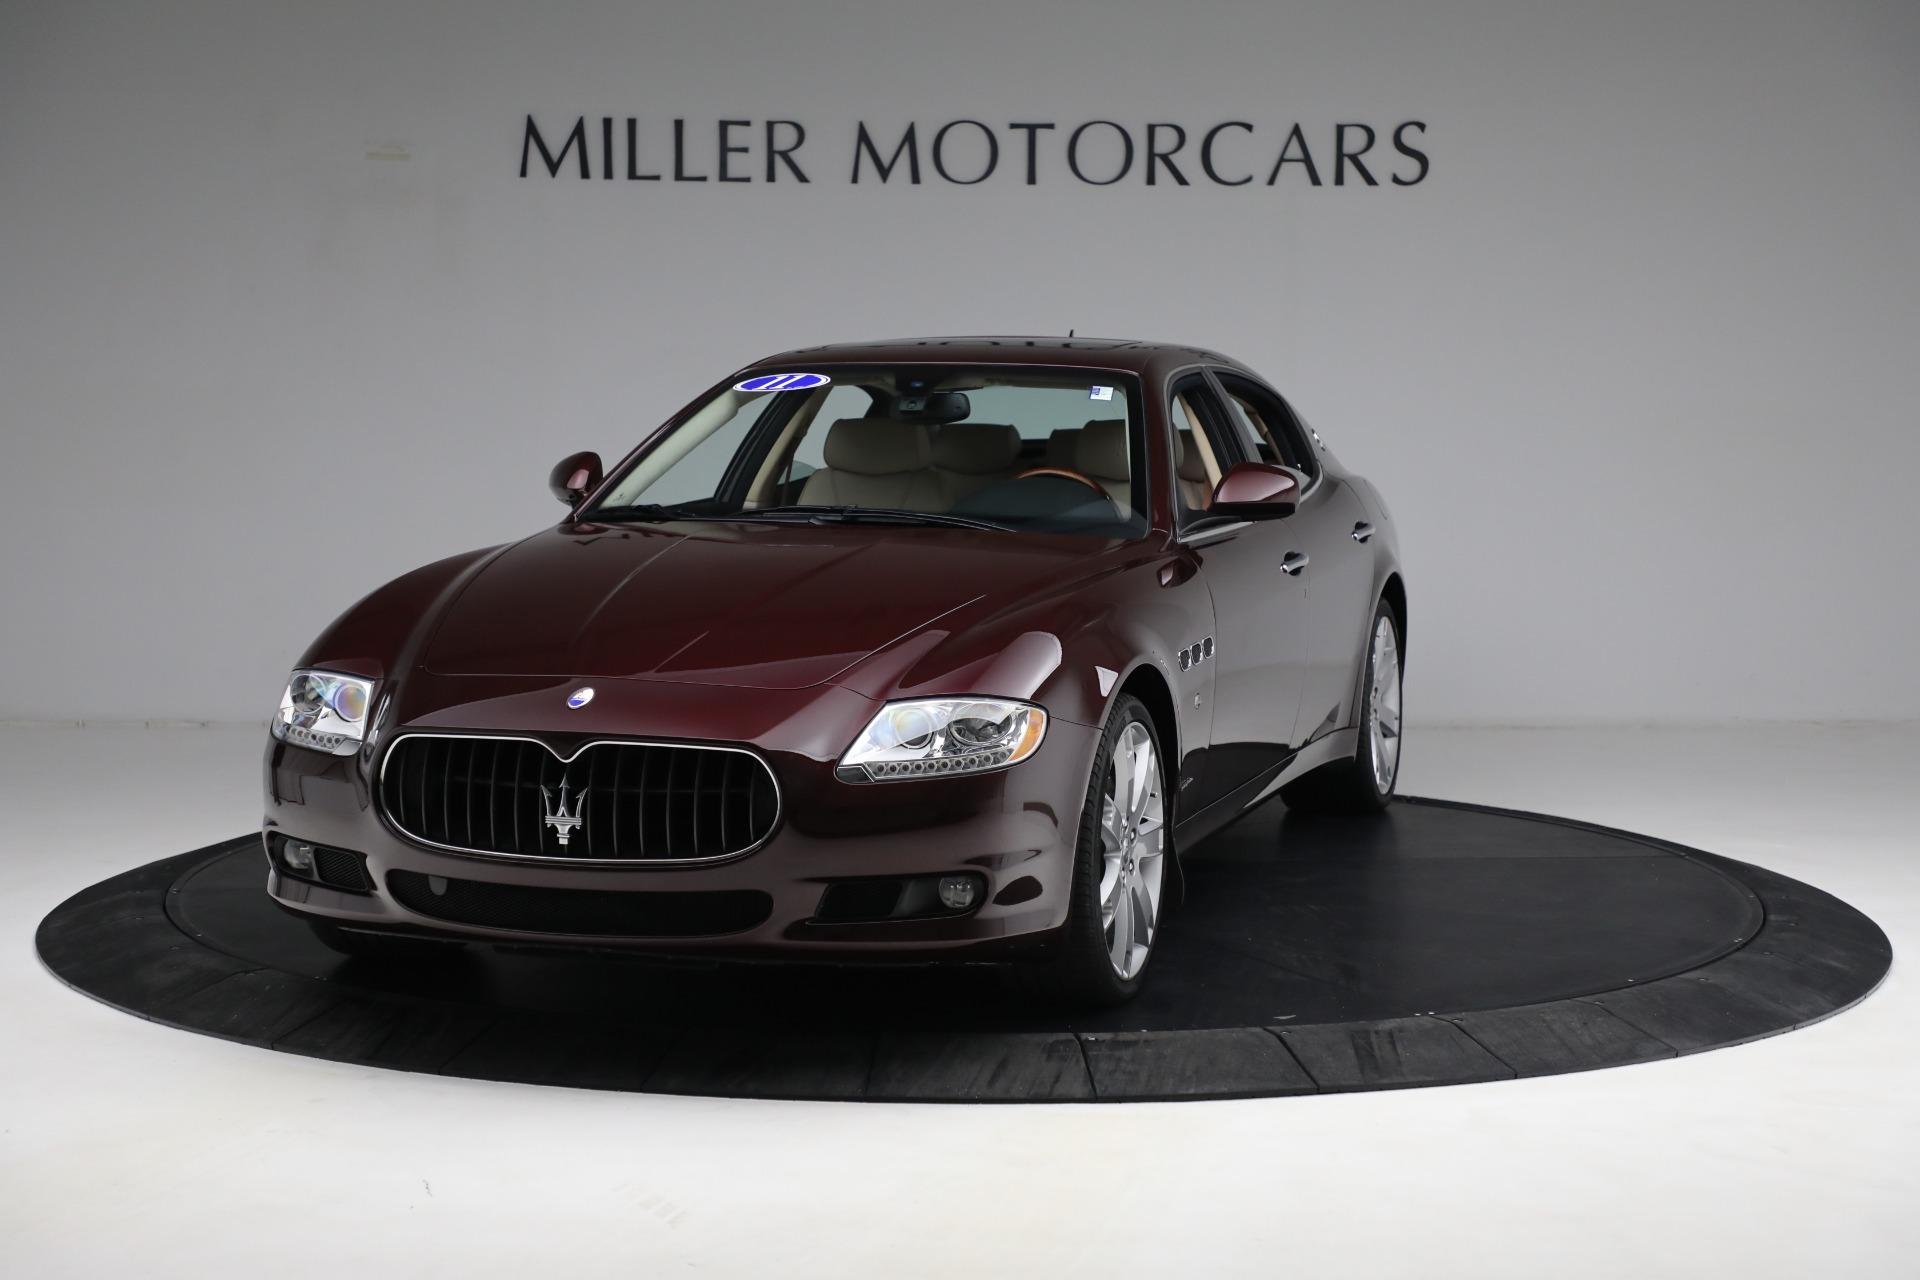 Used 2011 Maserati Quattroporte for sale $37,900 at Bugatti of Greenwich in Greenwich CT 06830 1